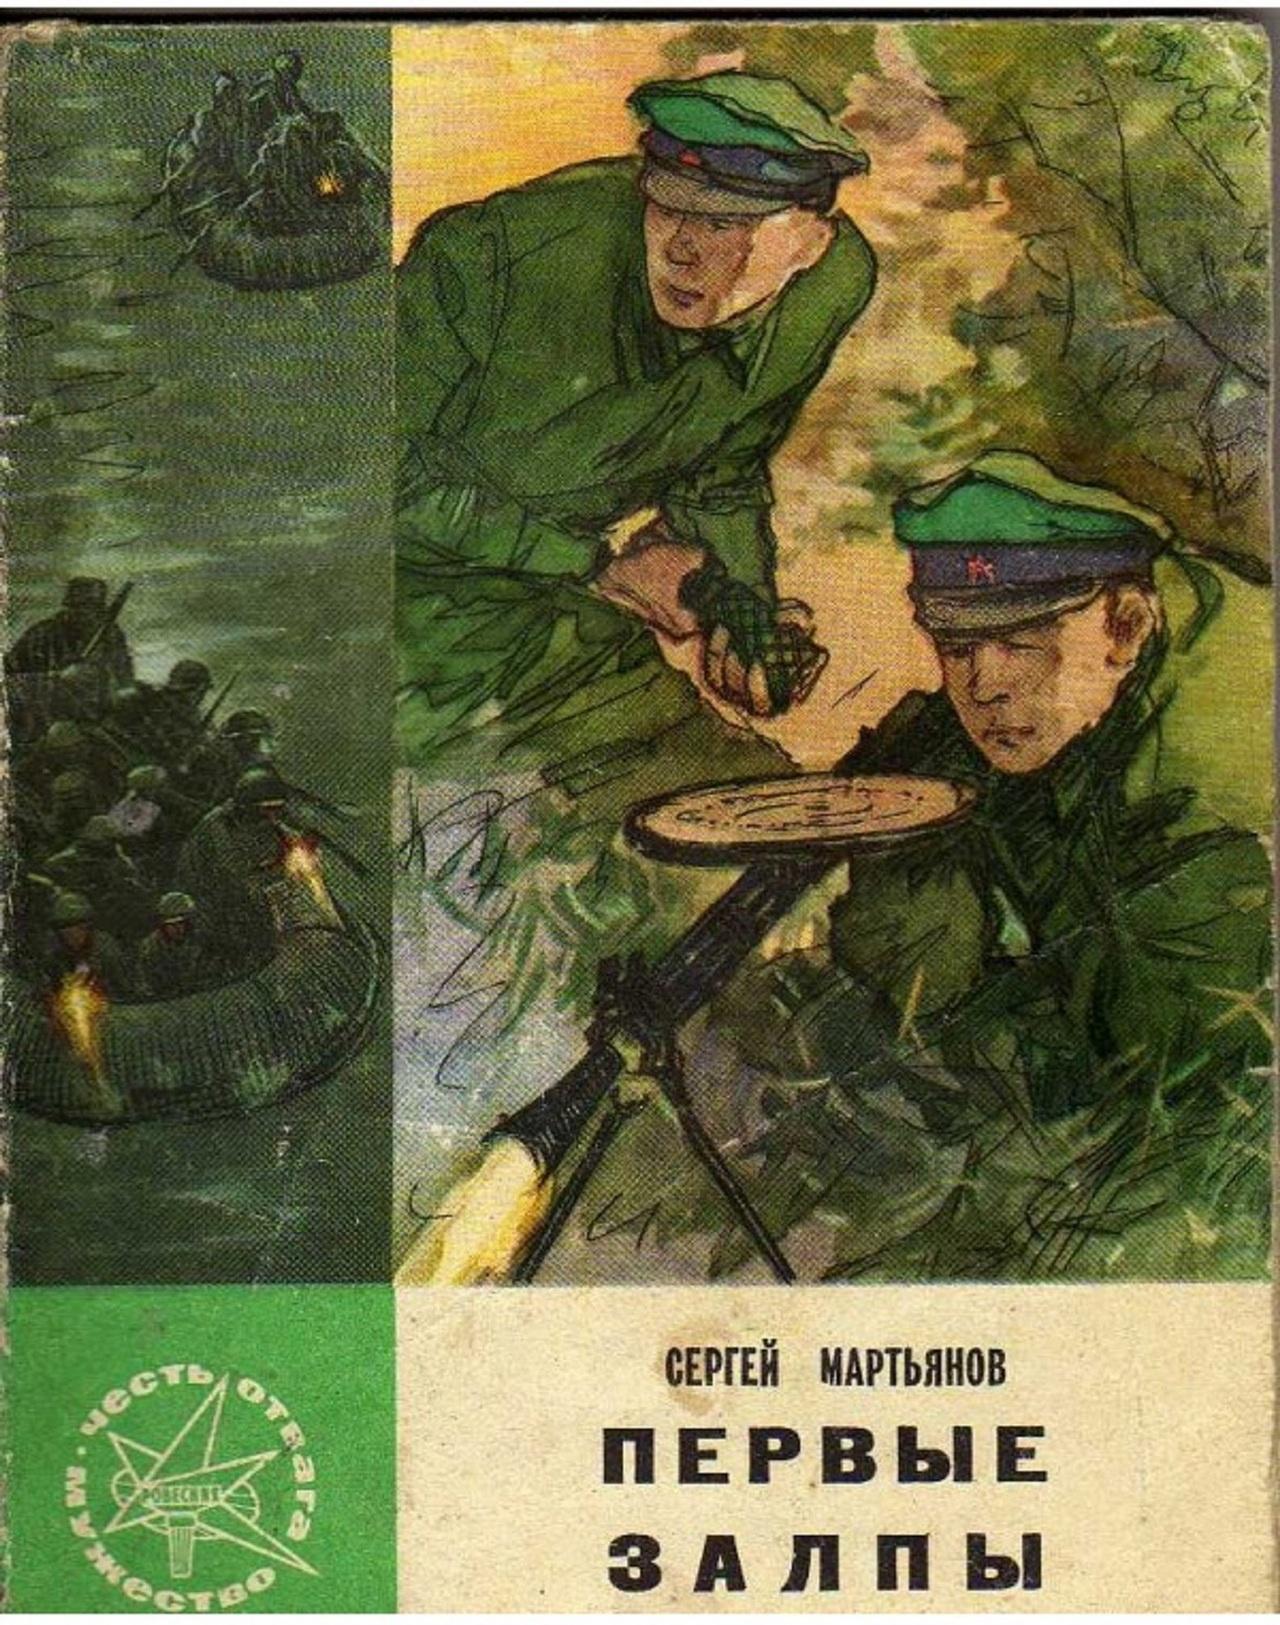 Книга С. Мартьянова «Первые залпы».